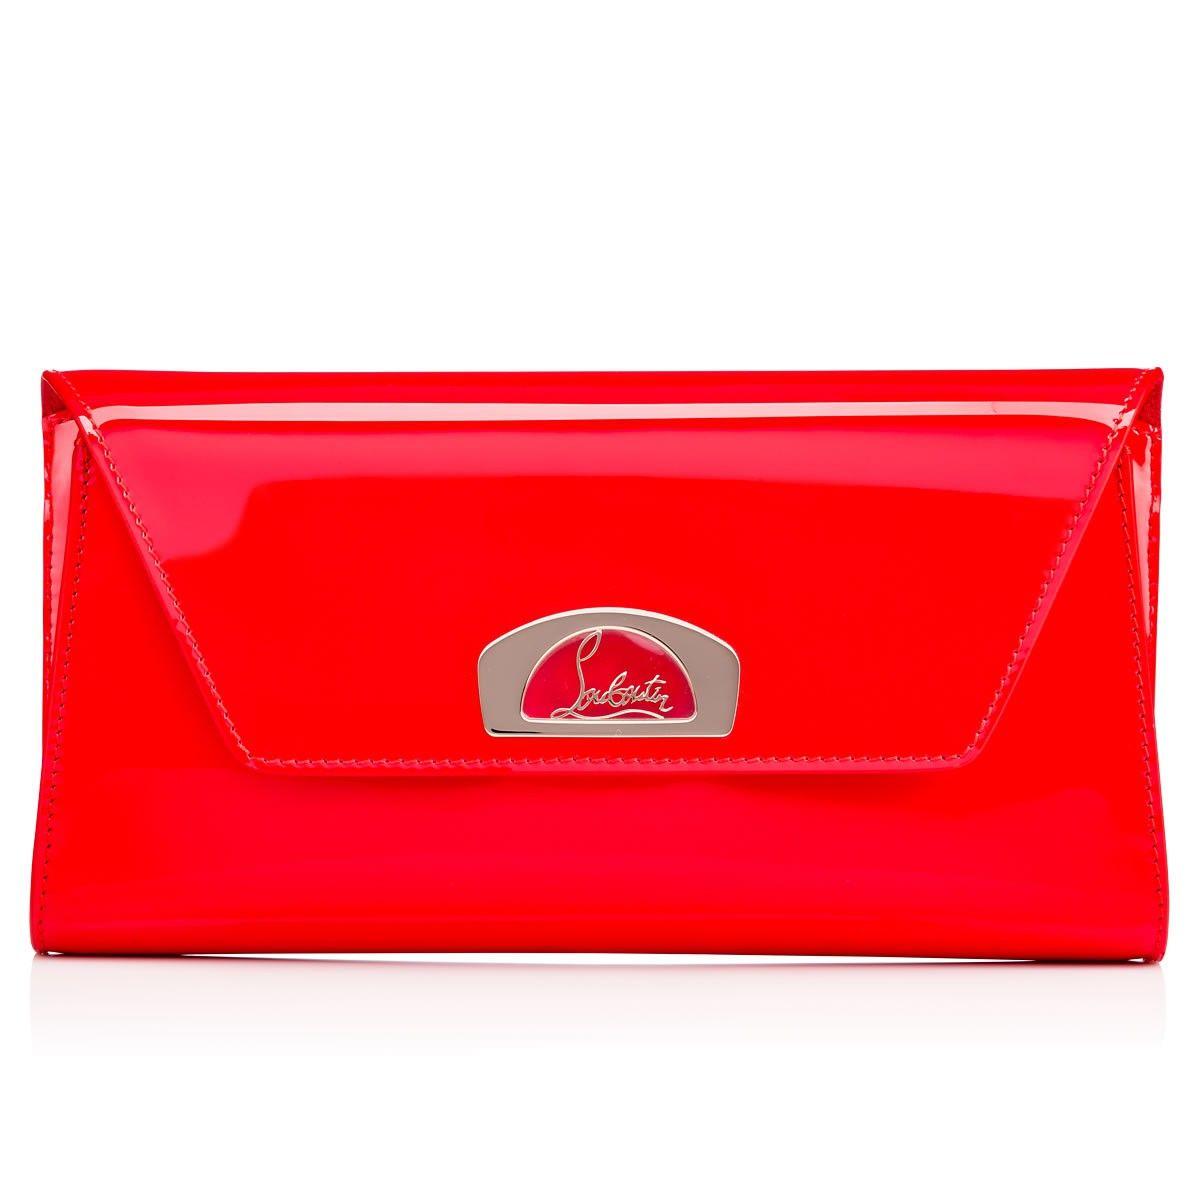 bc182b062e5c CHRISTIAN LOUBOUTIN Vero-Dodat Clutch Fraise Patent Calfskin - Handbags -  Christian Louboutin.  christianlouboutin  bags  patent  clutch  lining   hand bags ...